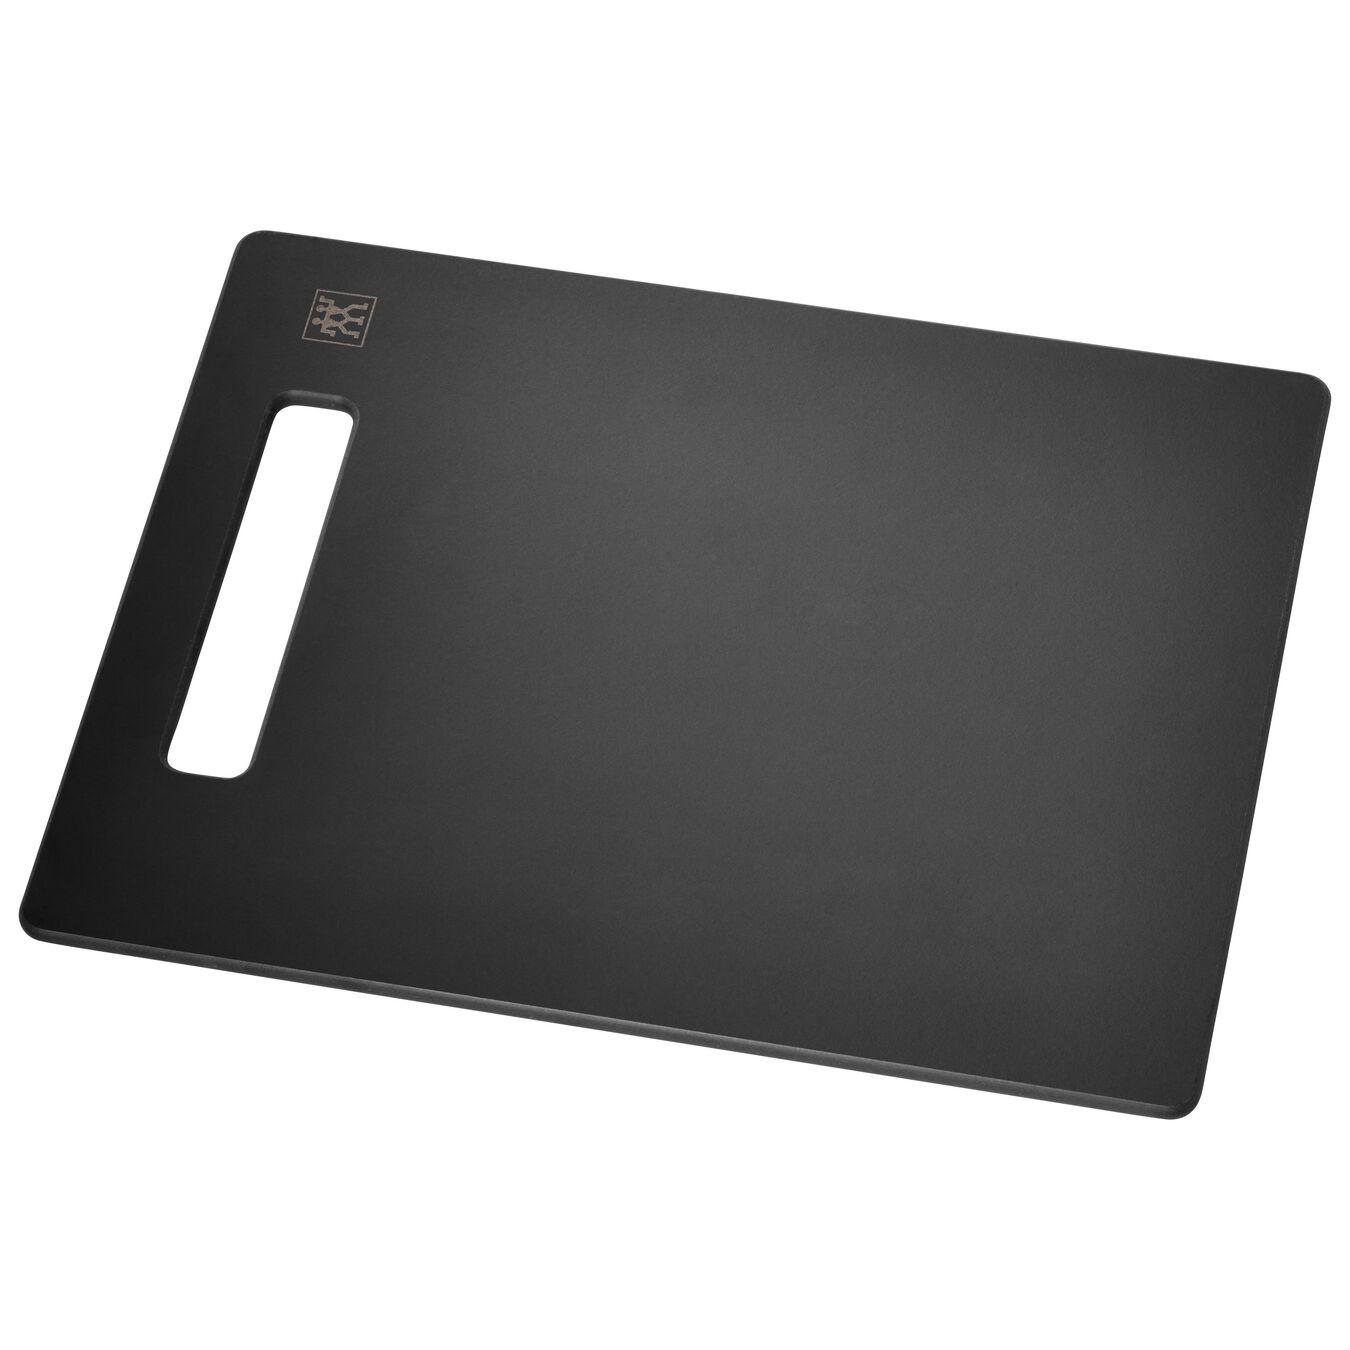 Cutting board 30 cm x 23 cm,,large 1